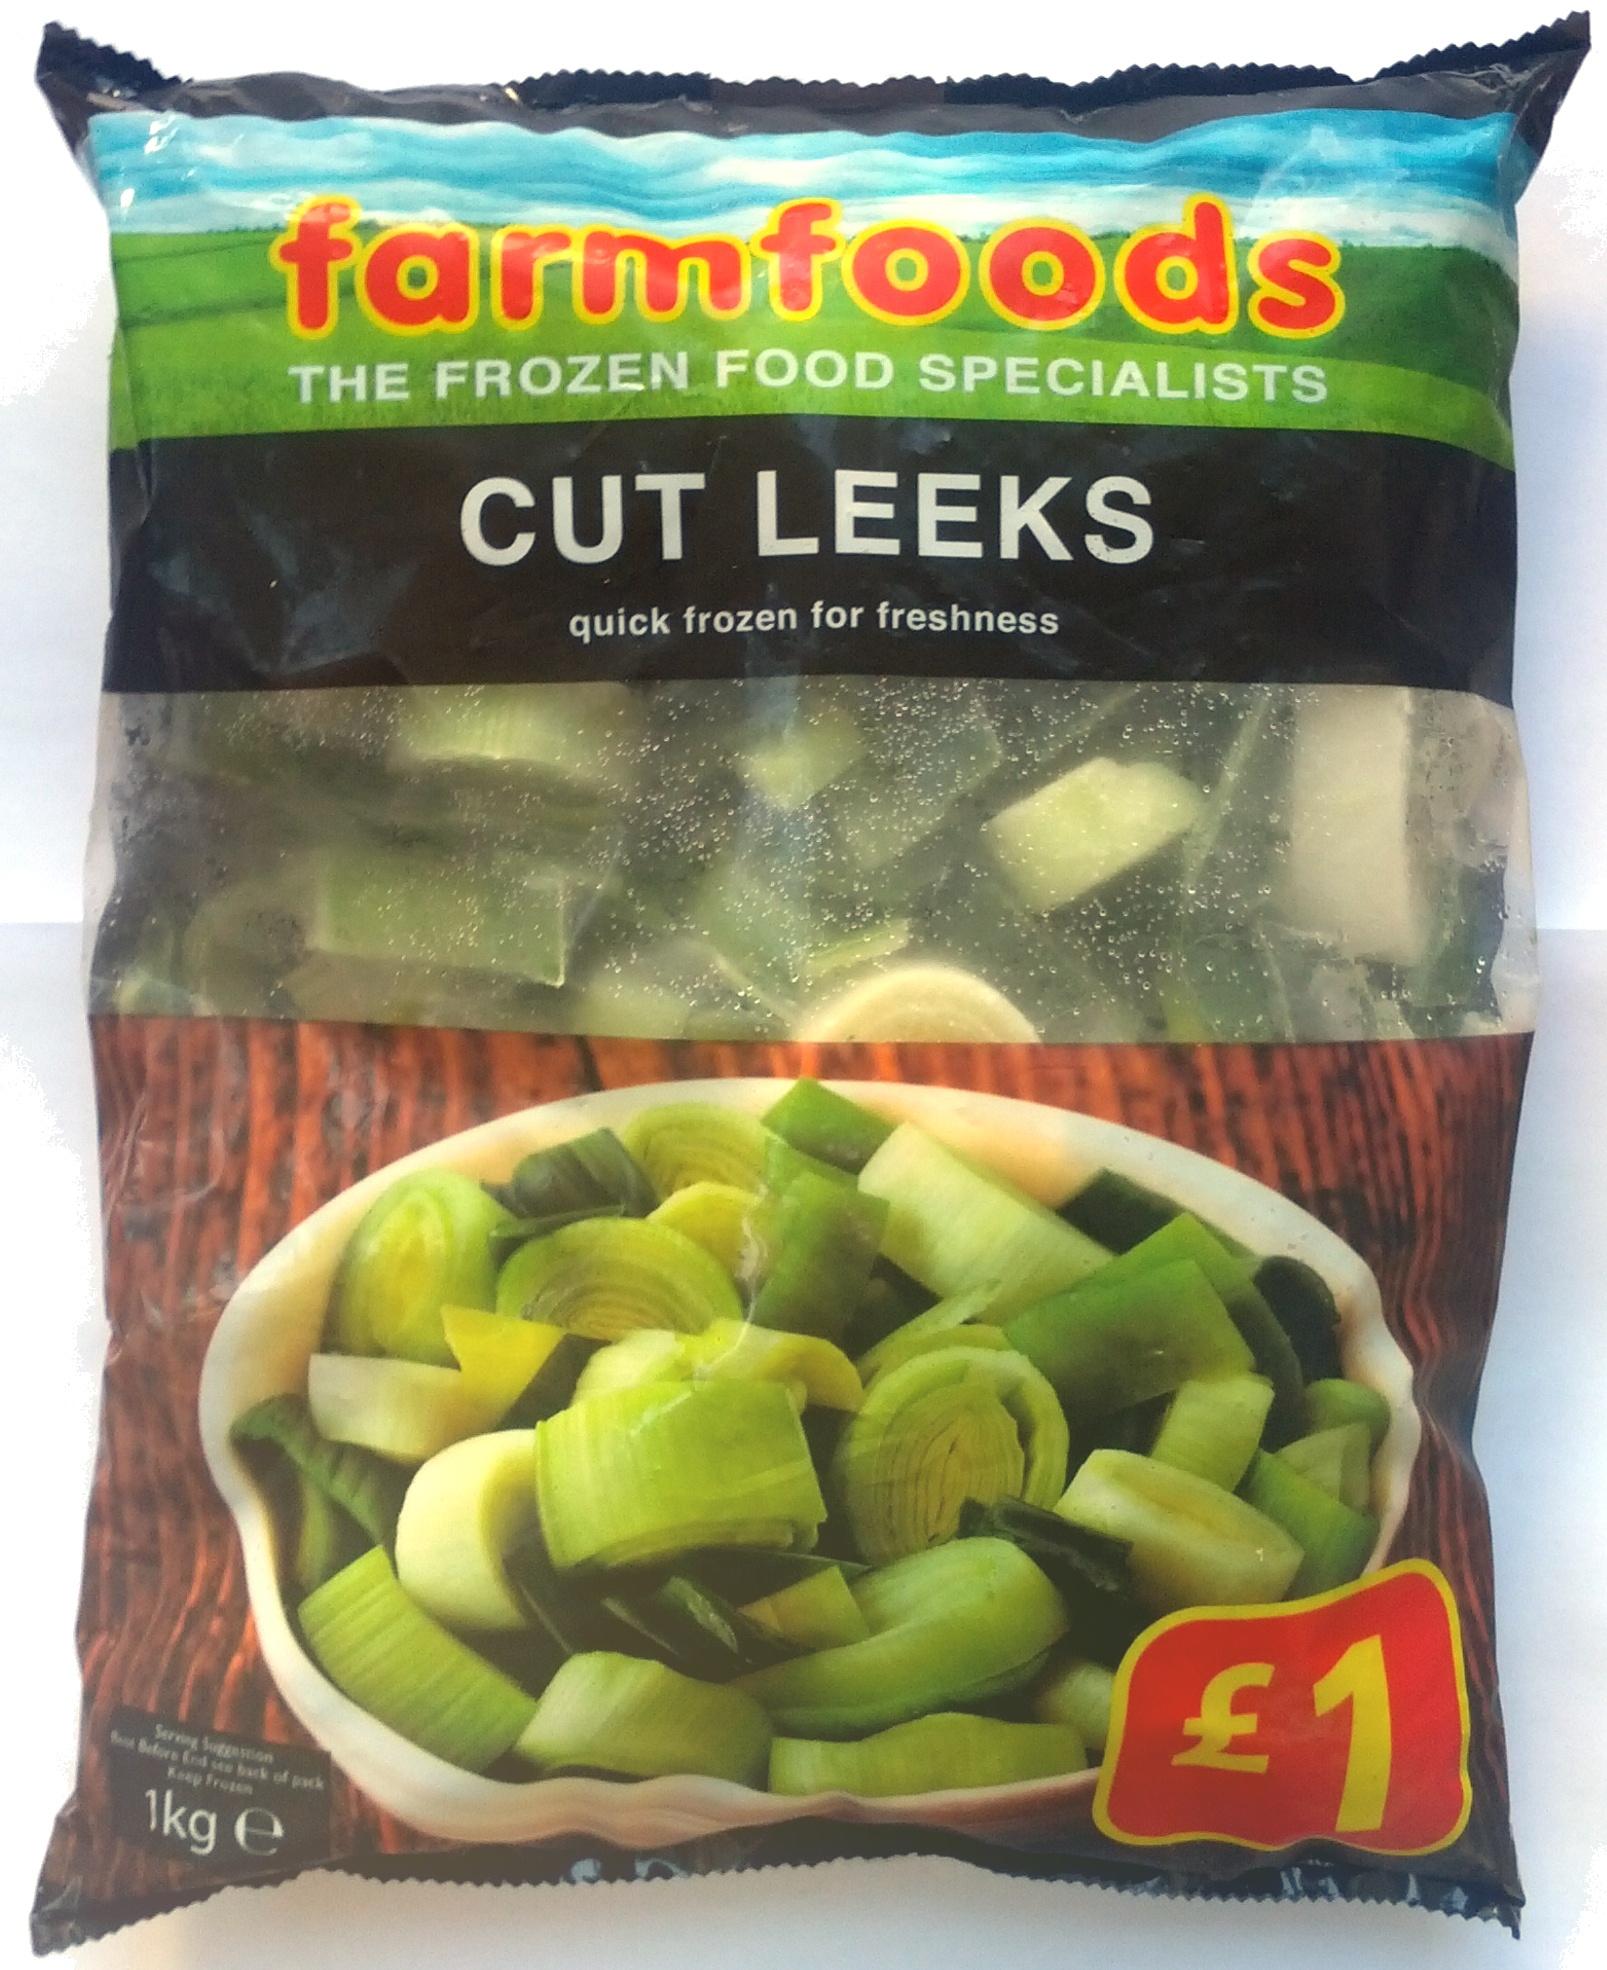 Cut Leeks quick frozen for freshness - Product - en